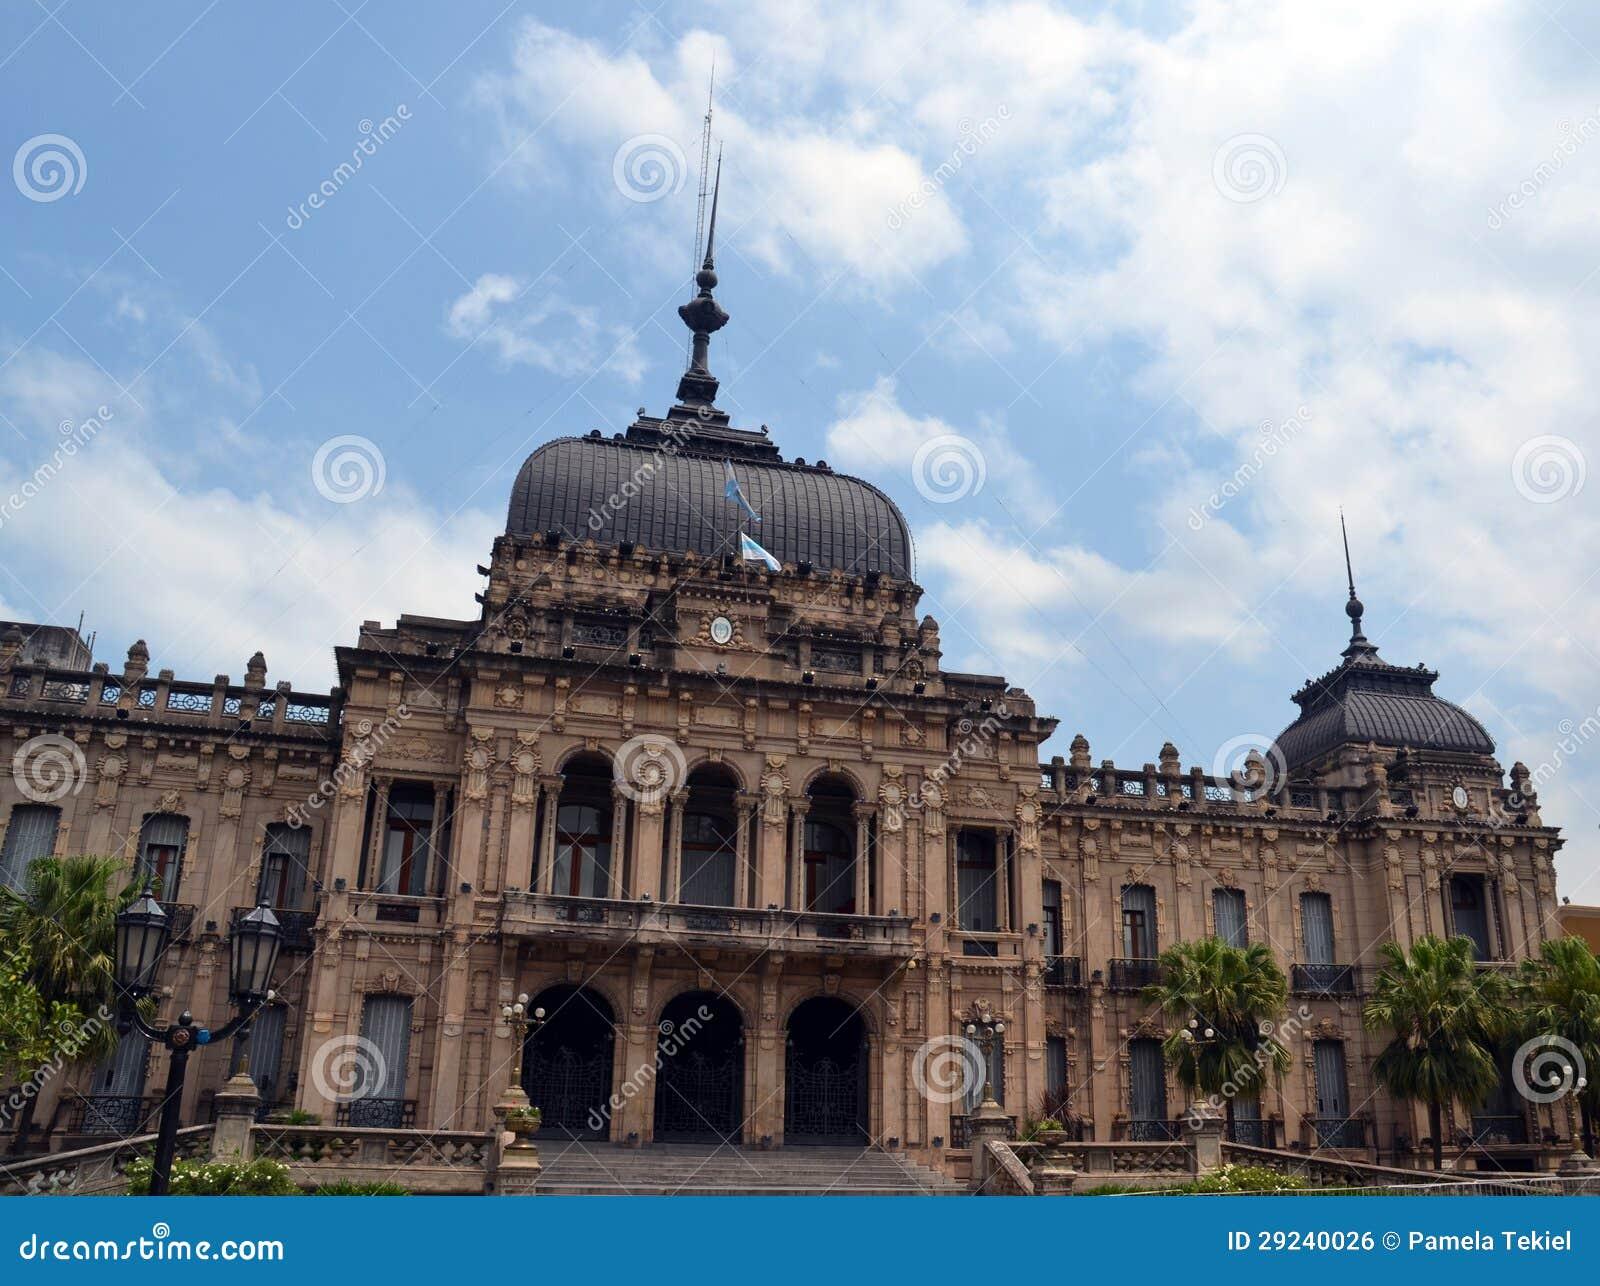 Download Tucuman foto de stock. Imagem de marco, argentina, history - 29240026